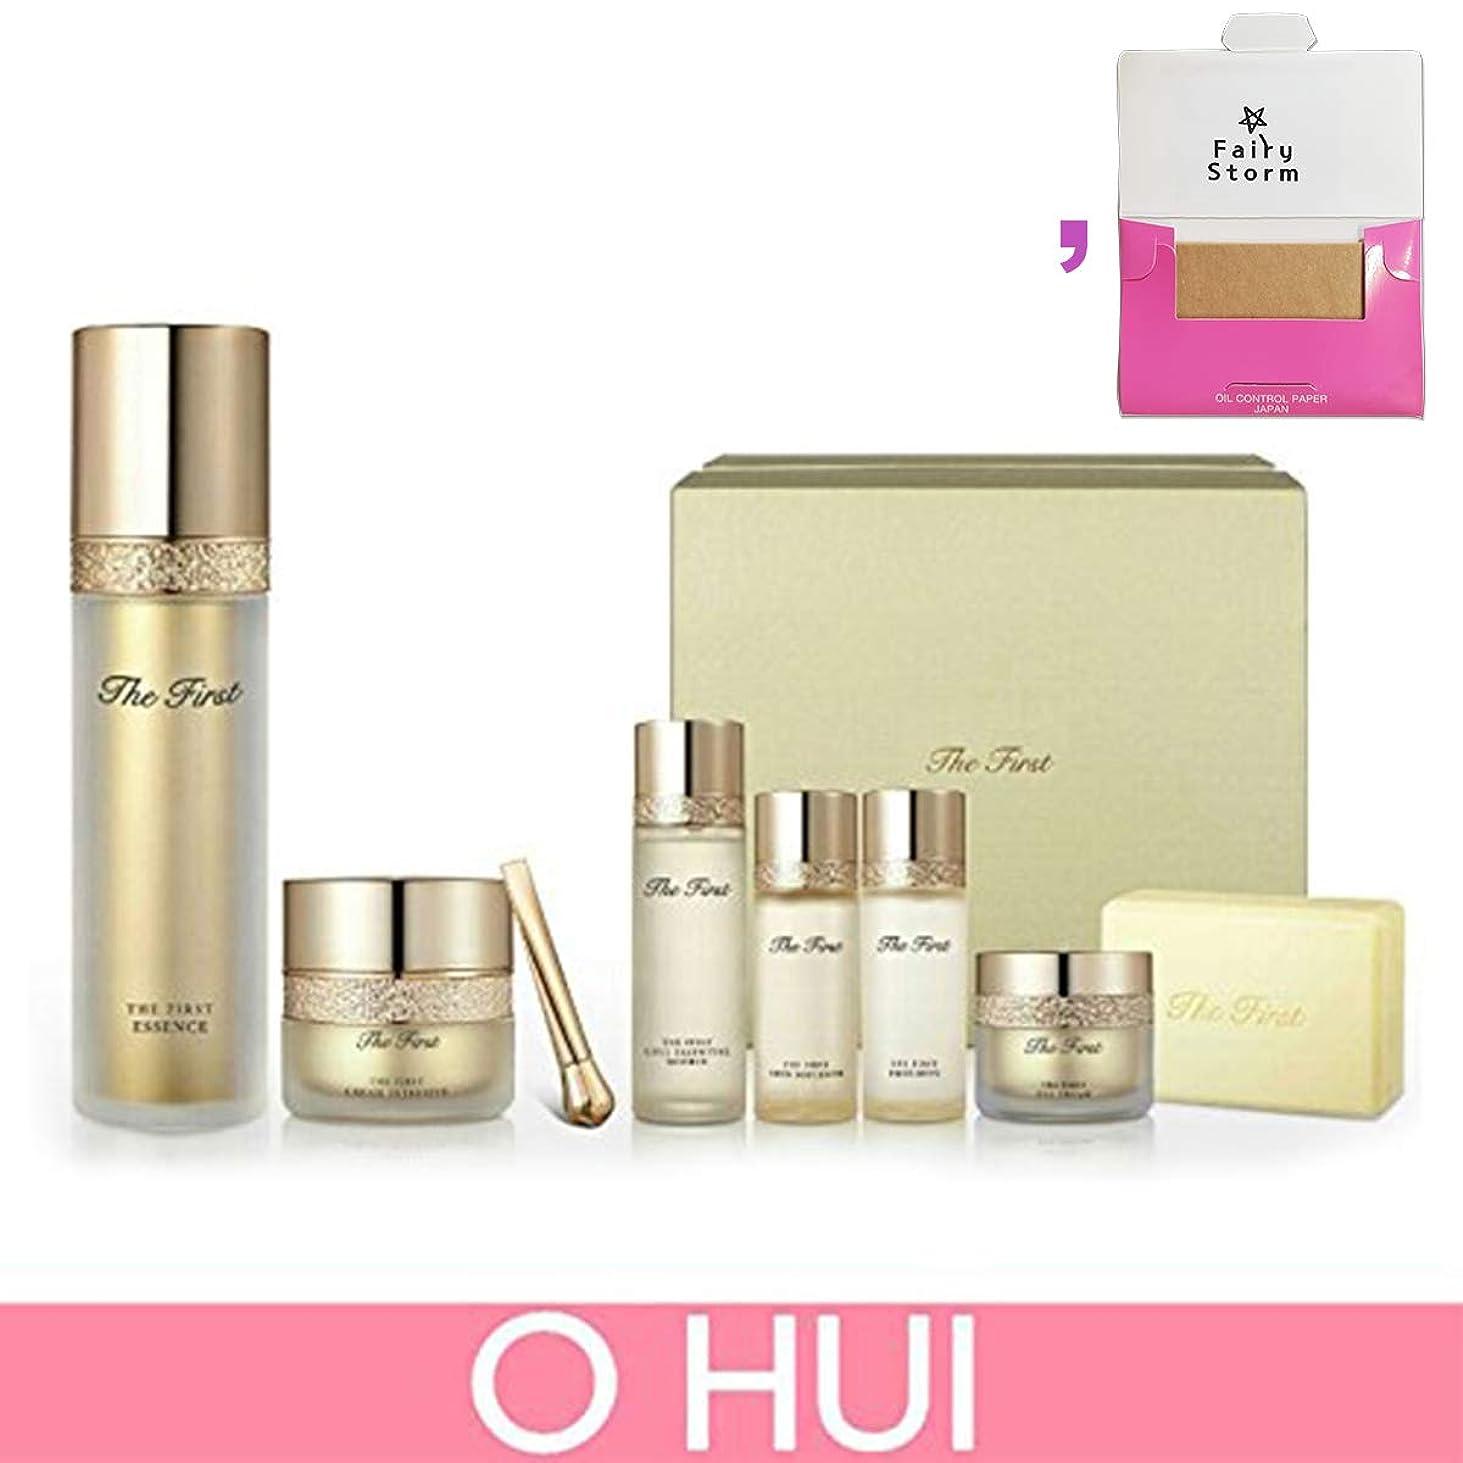 ポップ不安かろうじて[オフィ/O HUI]Ohui The First Essence Gold Edition Special Set 100ml /OH ザ ファースト エッセンス 100ml + [Sample Gift](海外直送品)